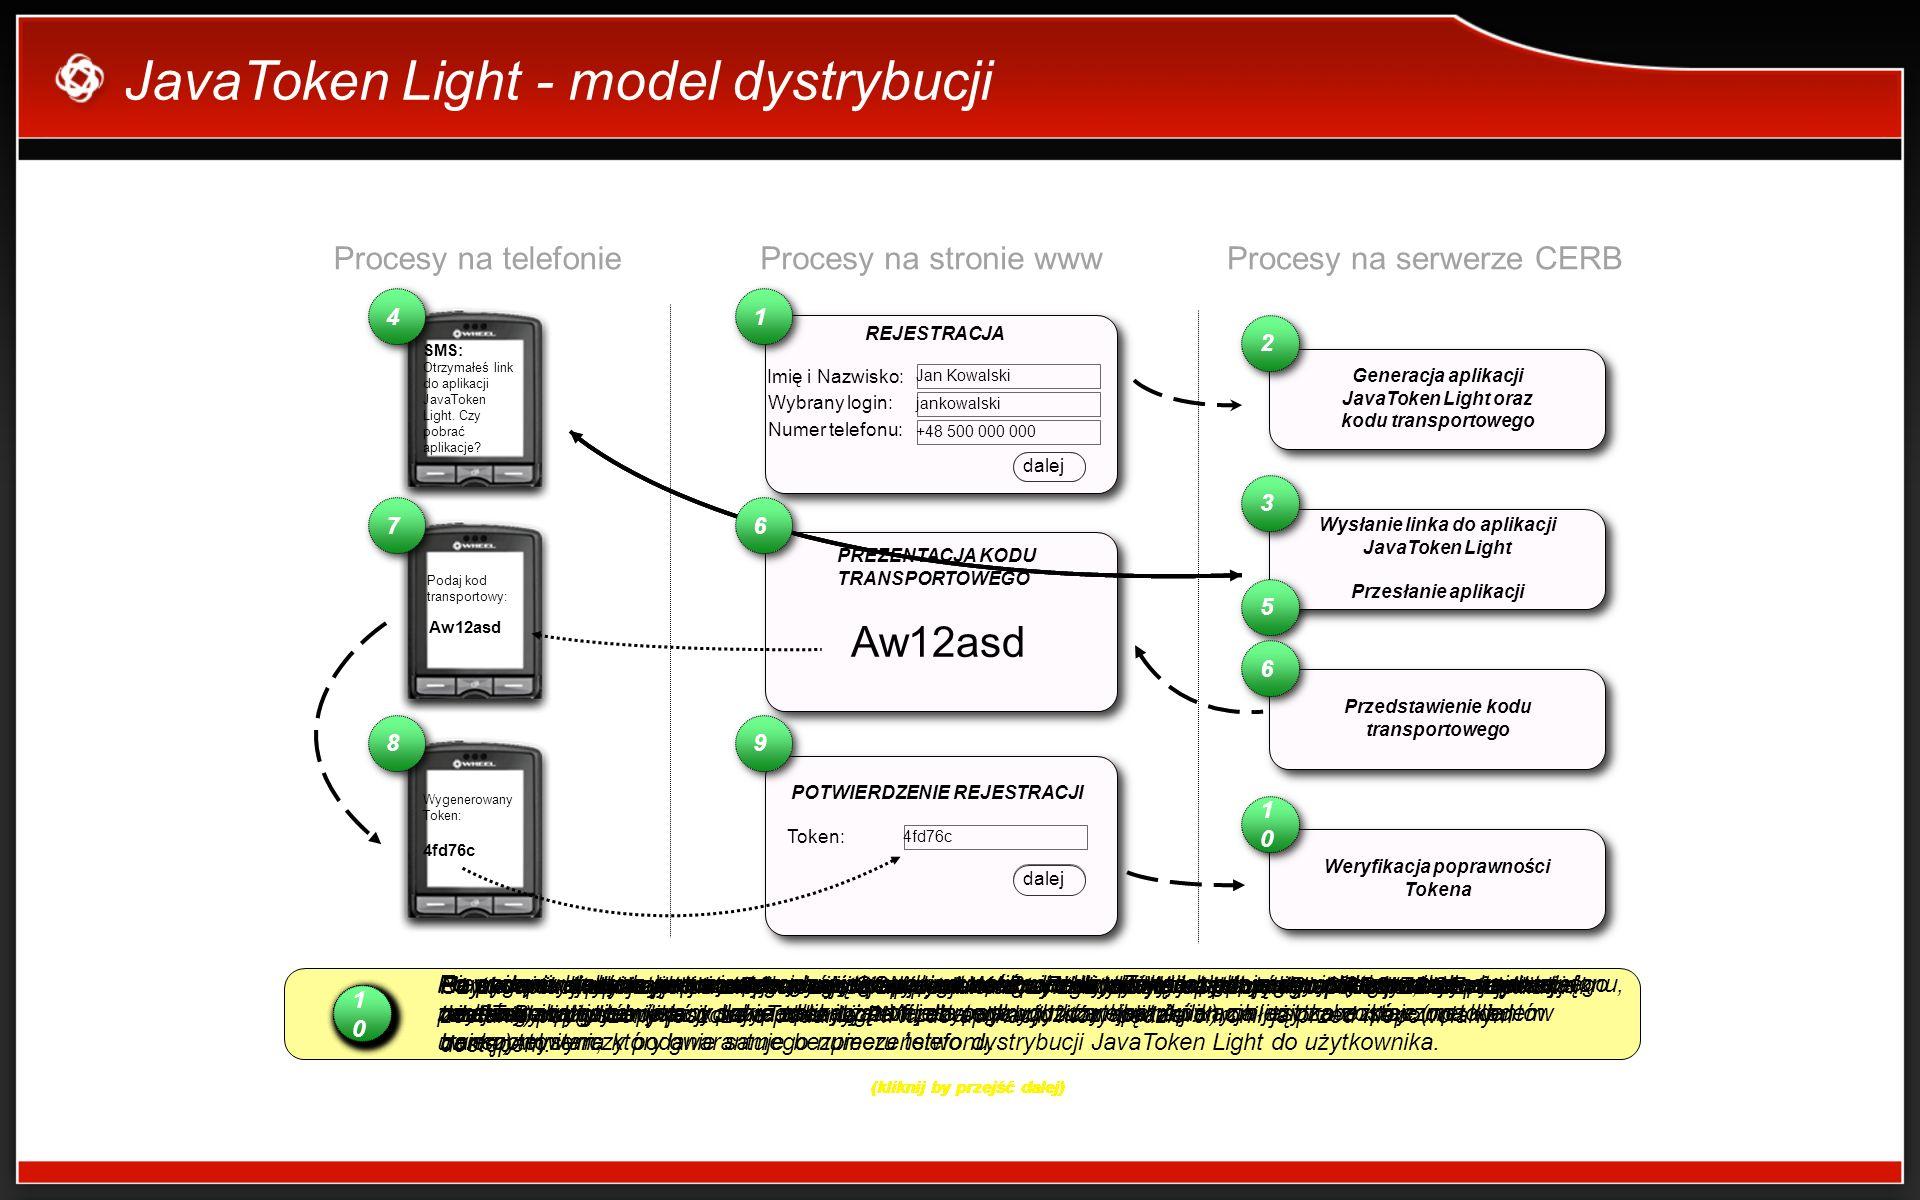 JavaToken Light - model dystrybucji REJESTRACJA Imię i Nazwisko: Wybrany login: Numer telefonu: dalej Jan Kowalski jankowalski +48 500 000 000 4fd76c Aw12asd POTWIERDZENIE REJESTRACJI Token: dalej PREZENTACJA KODU TRANSPORTOWEGO Wygenerowany Token: 4fd76c Podaj kod transportowy: SMS: Otrzymałeś link do aplikacji JavaToken Light.